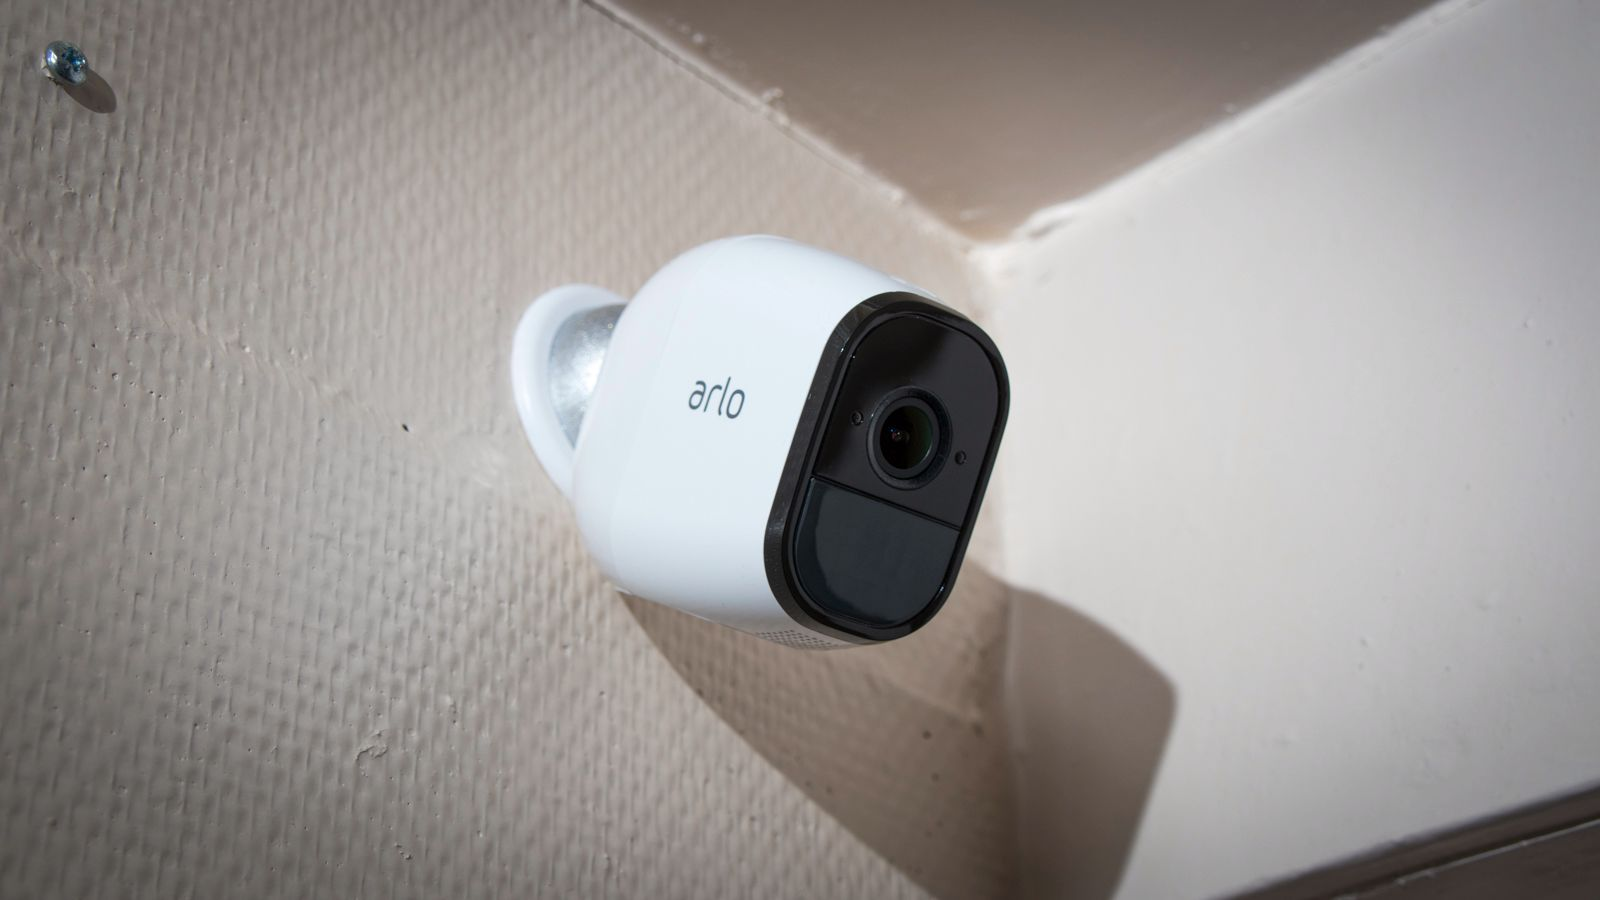 Arlo-kameraer får Apple HomeKit-støtte